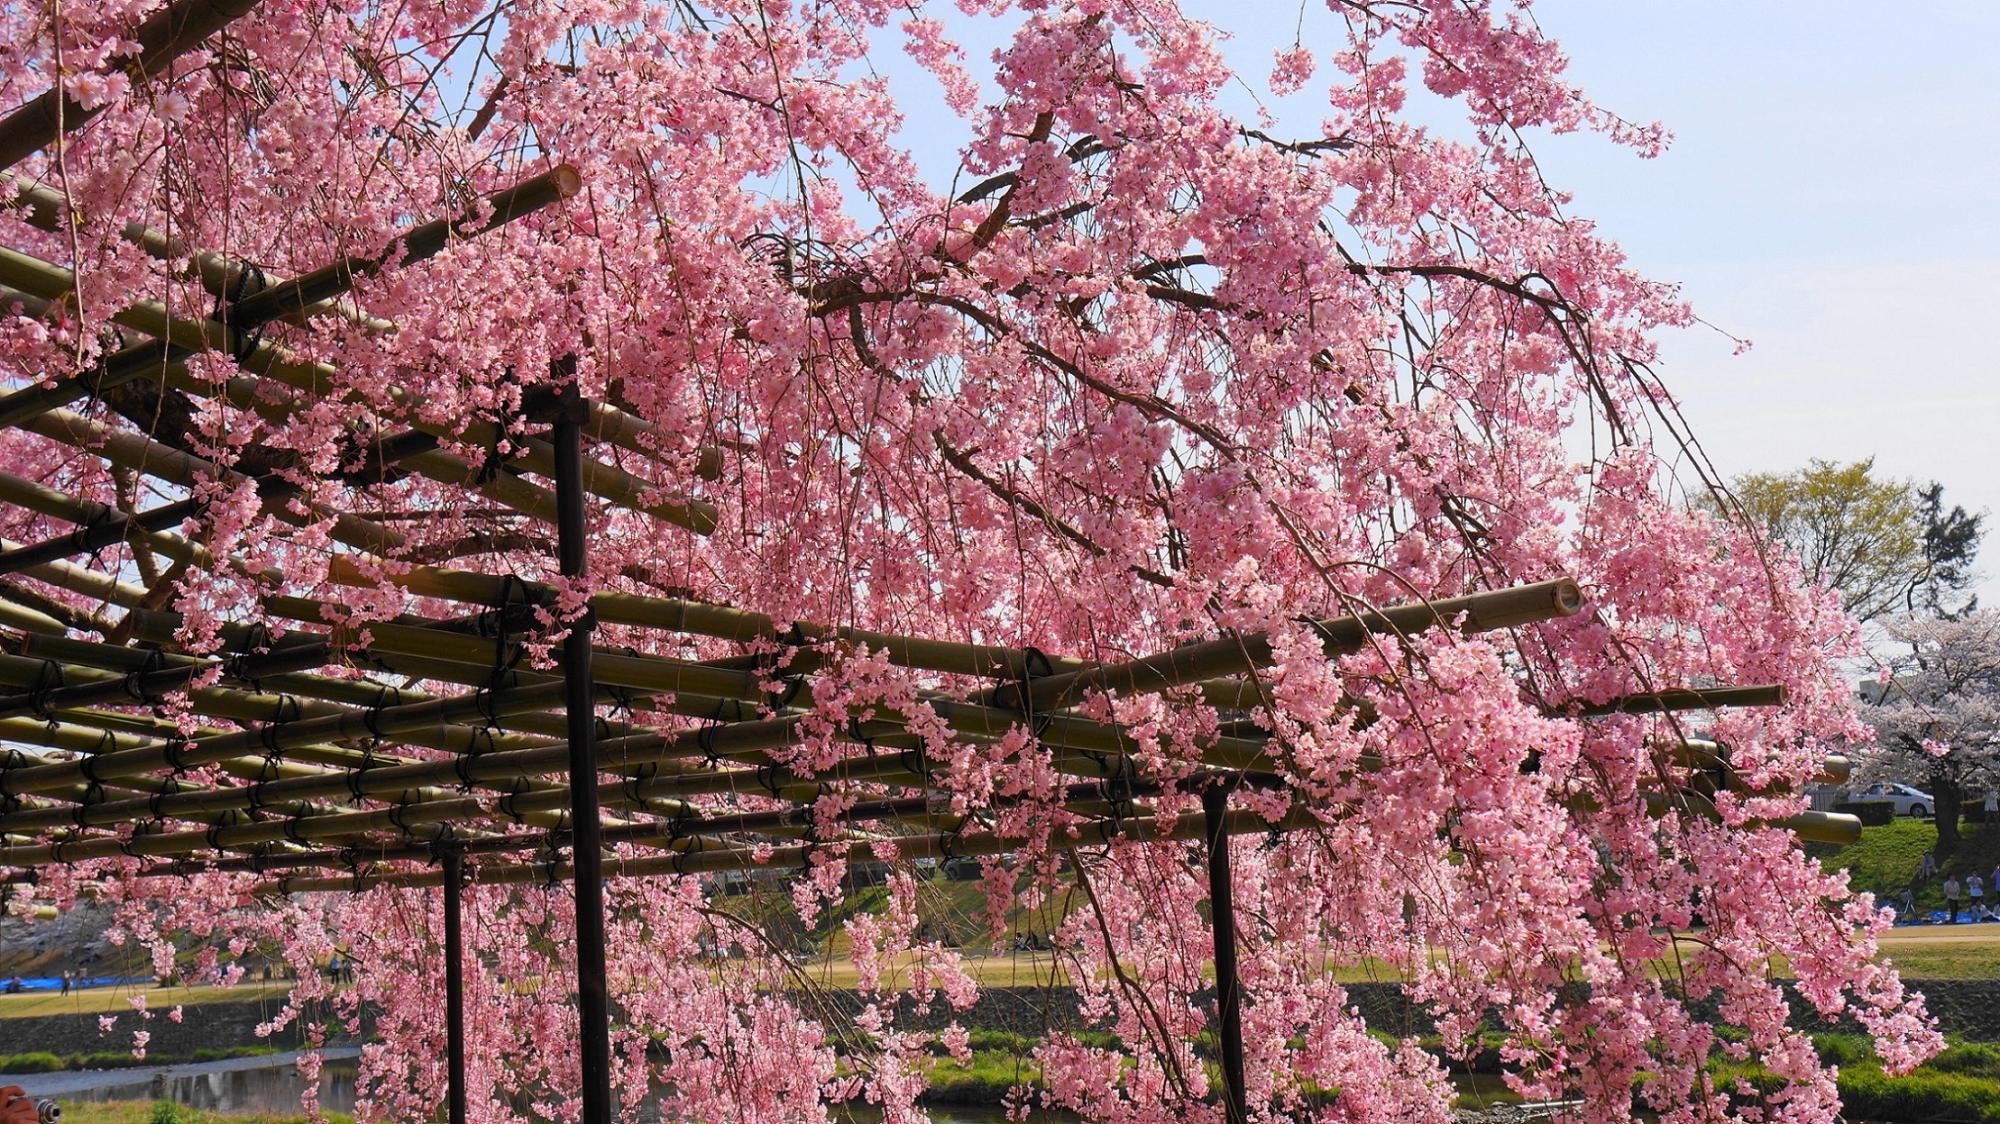 降り注ぐピンクの花のシャワー